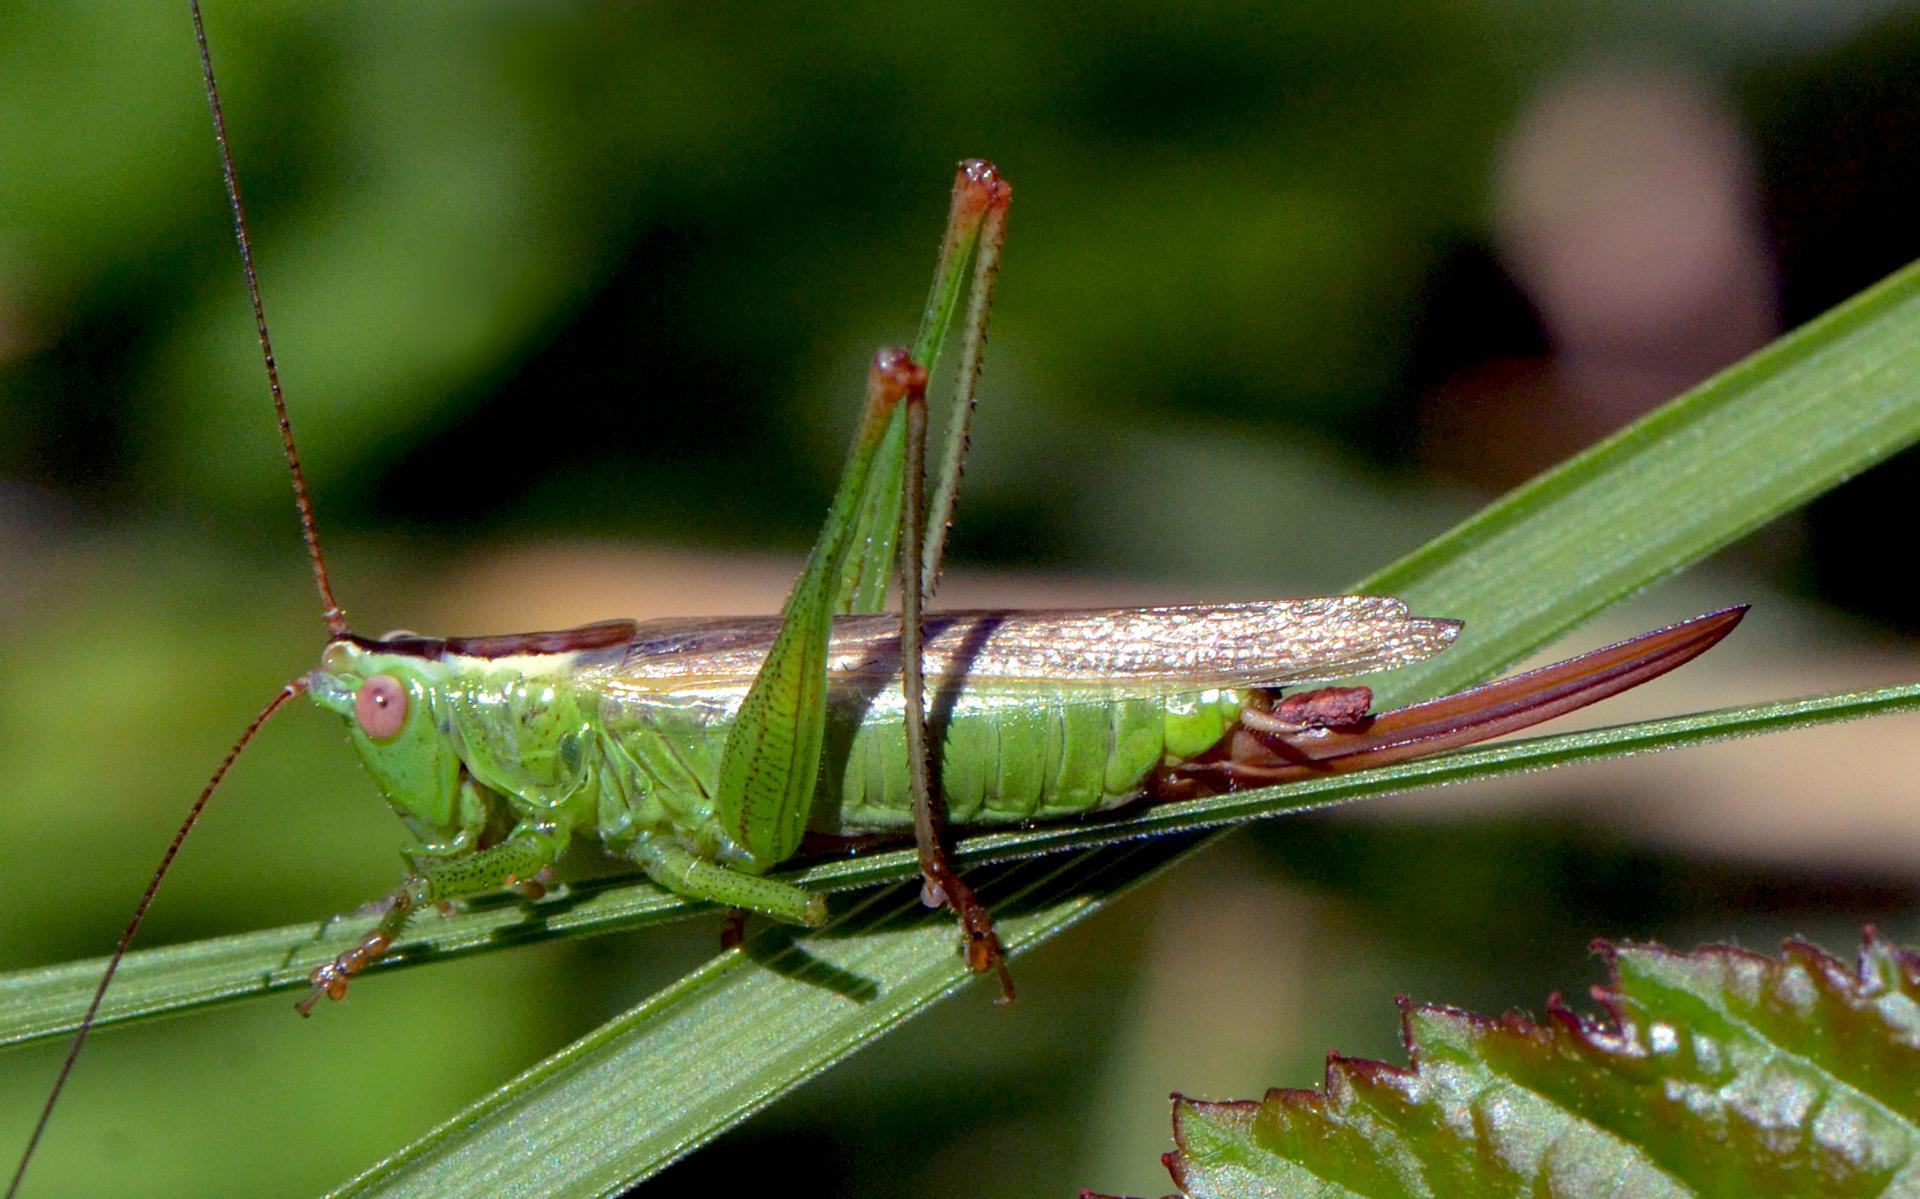 Conocéphale bigarré femelle. Crédit : Vlad Proklov - Flickr